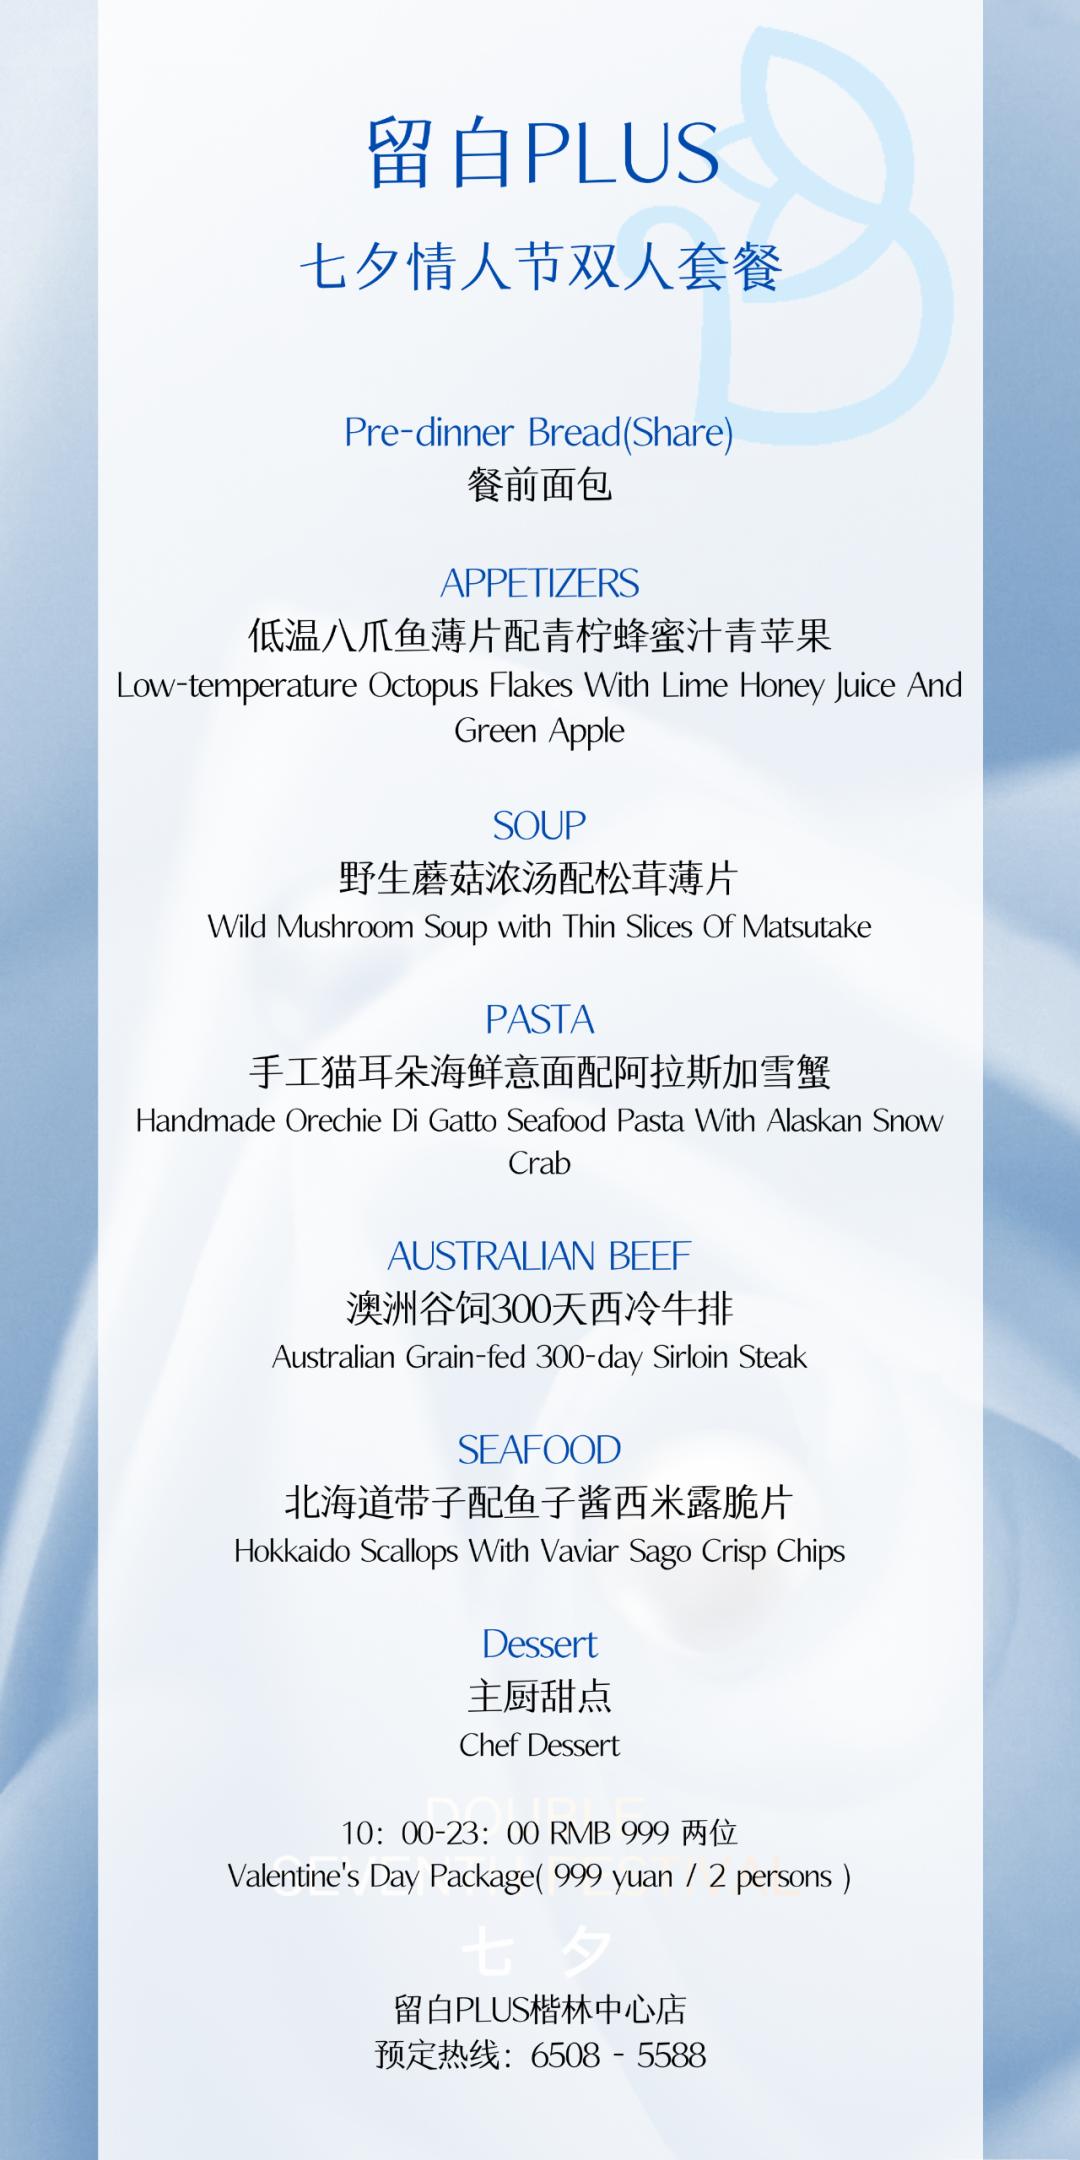 七夕菜单丨Start booking 8.25 充满仪式感的日子留白与你相伴,四店预定同步开启